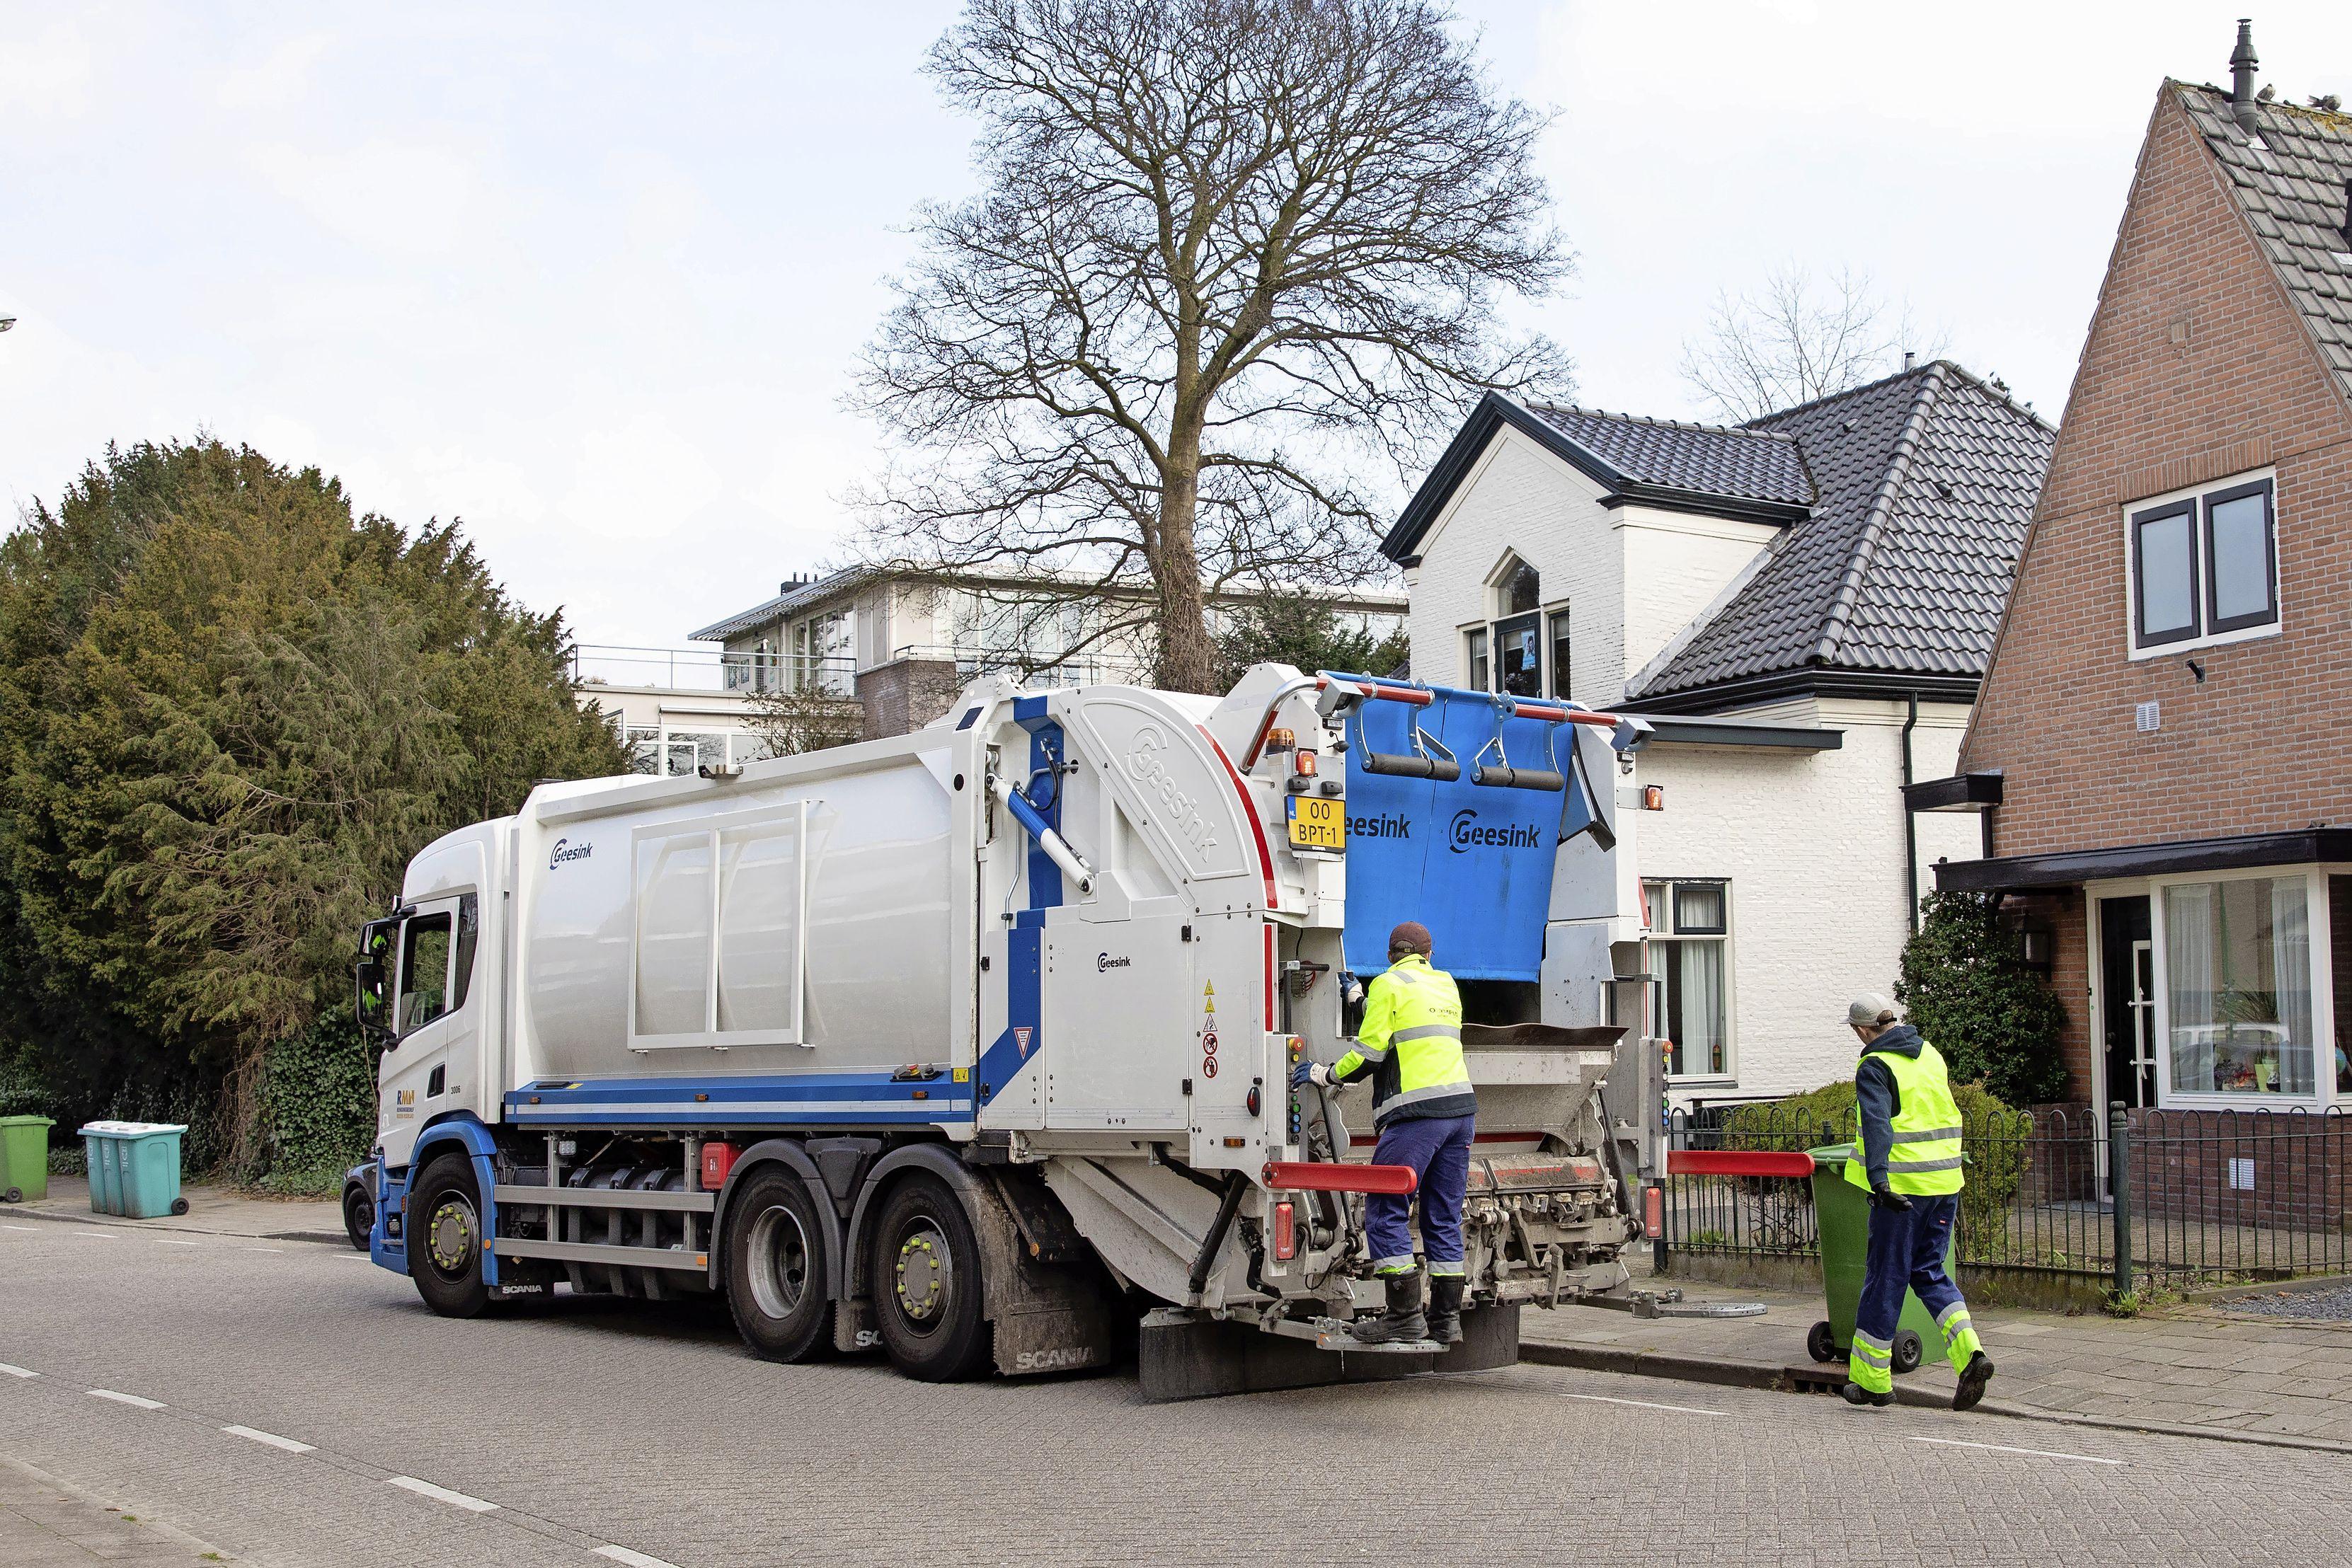 RMN wil dat Soest en Baarn overstappen op diftar: betalen per kilo restafval die je in de kliko gooit; 'Enige manier om milieudoelstelling te halen'